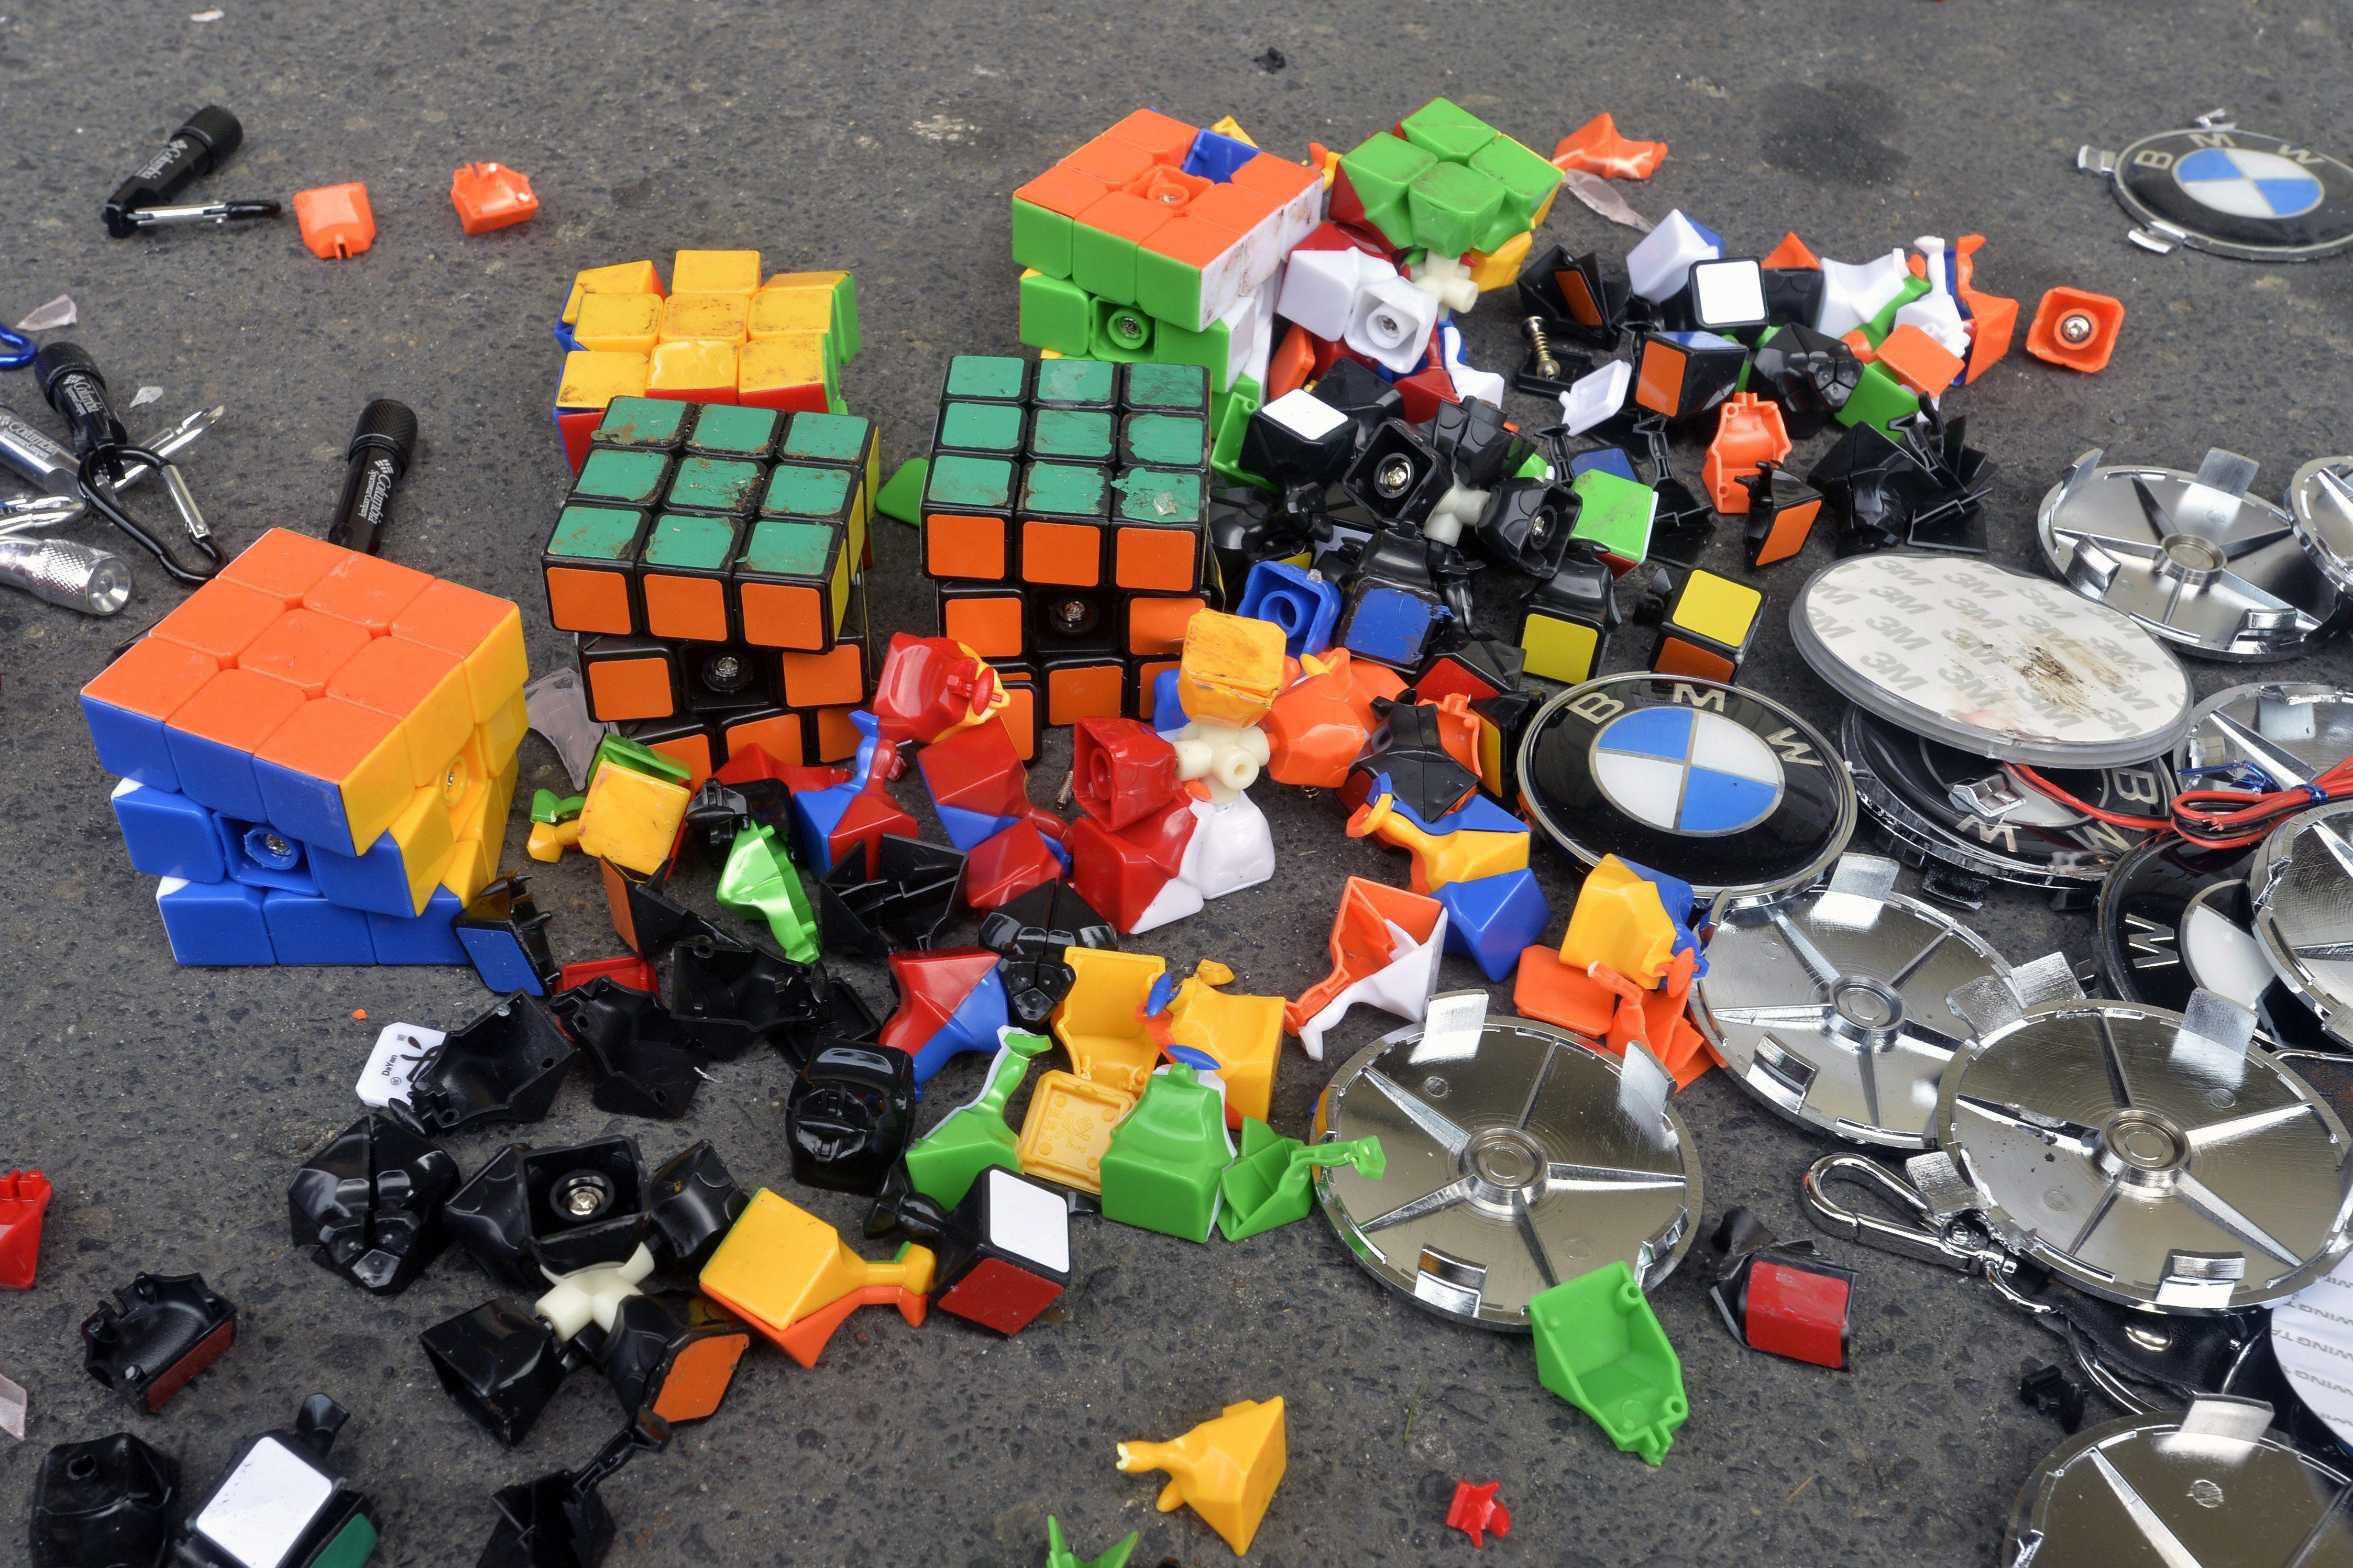 Több mint 580 millió eurónyi hamis terméket foglaltak le tavaly az EU külső határain